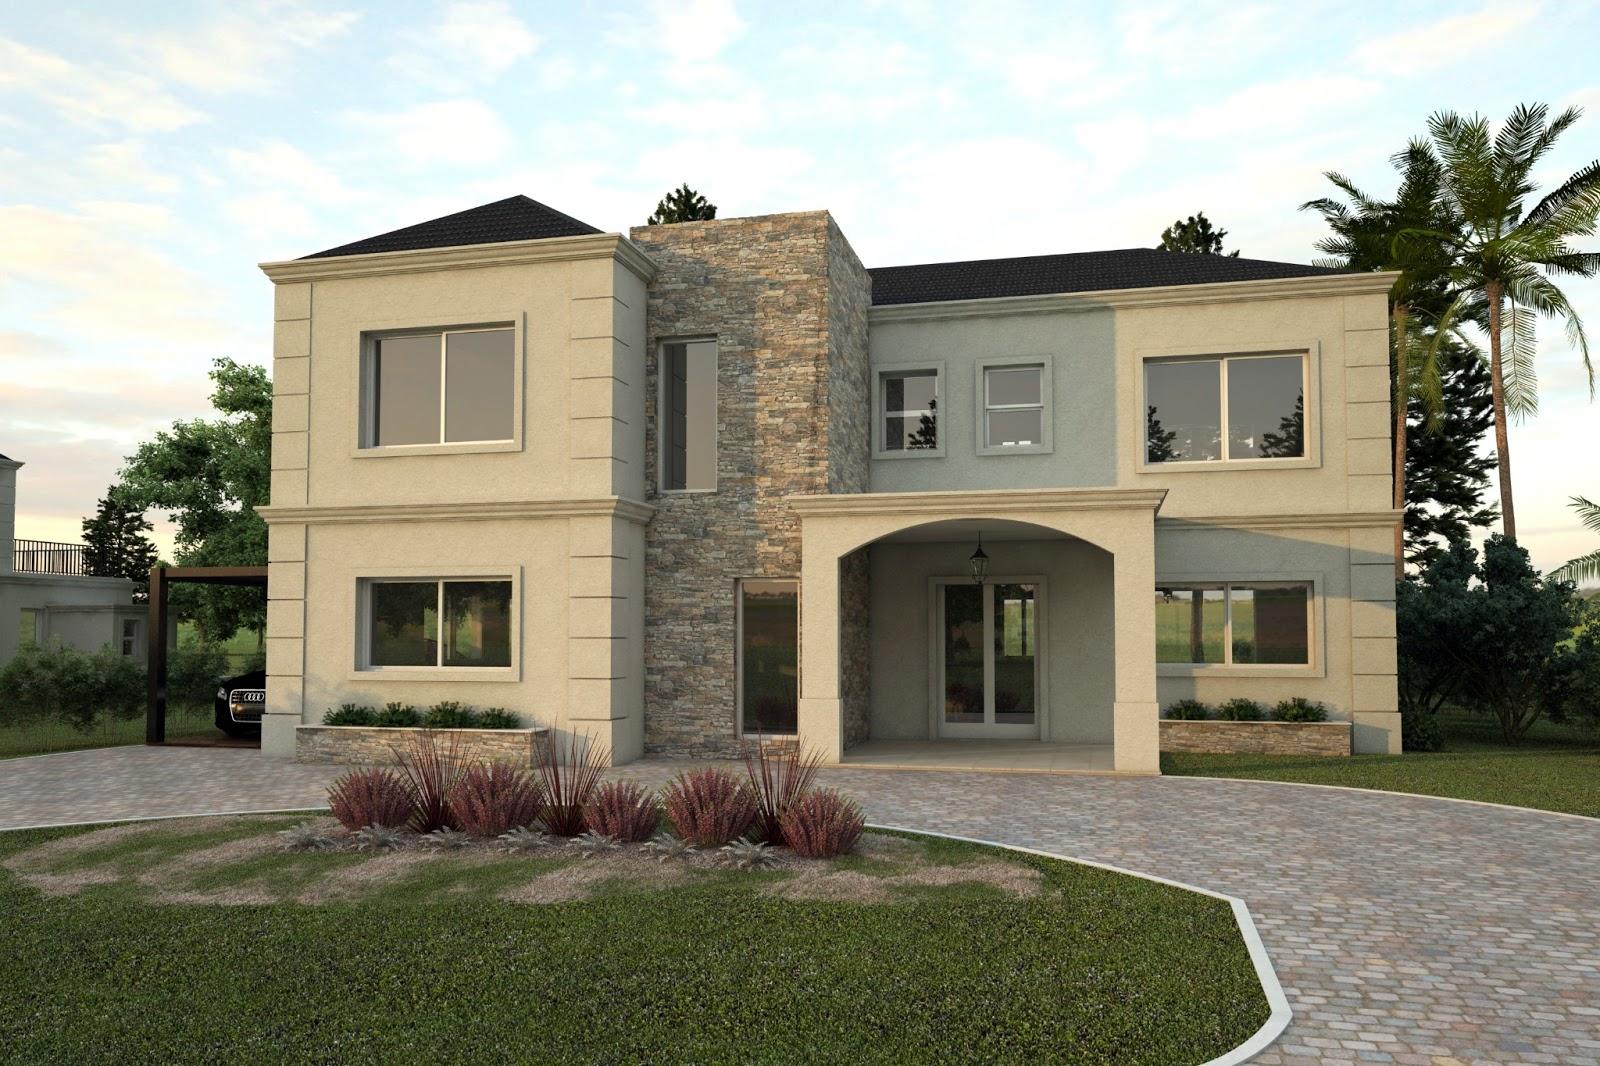 Renderizar arquitectura imagenes 3d renders for Casas 3d